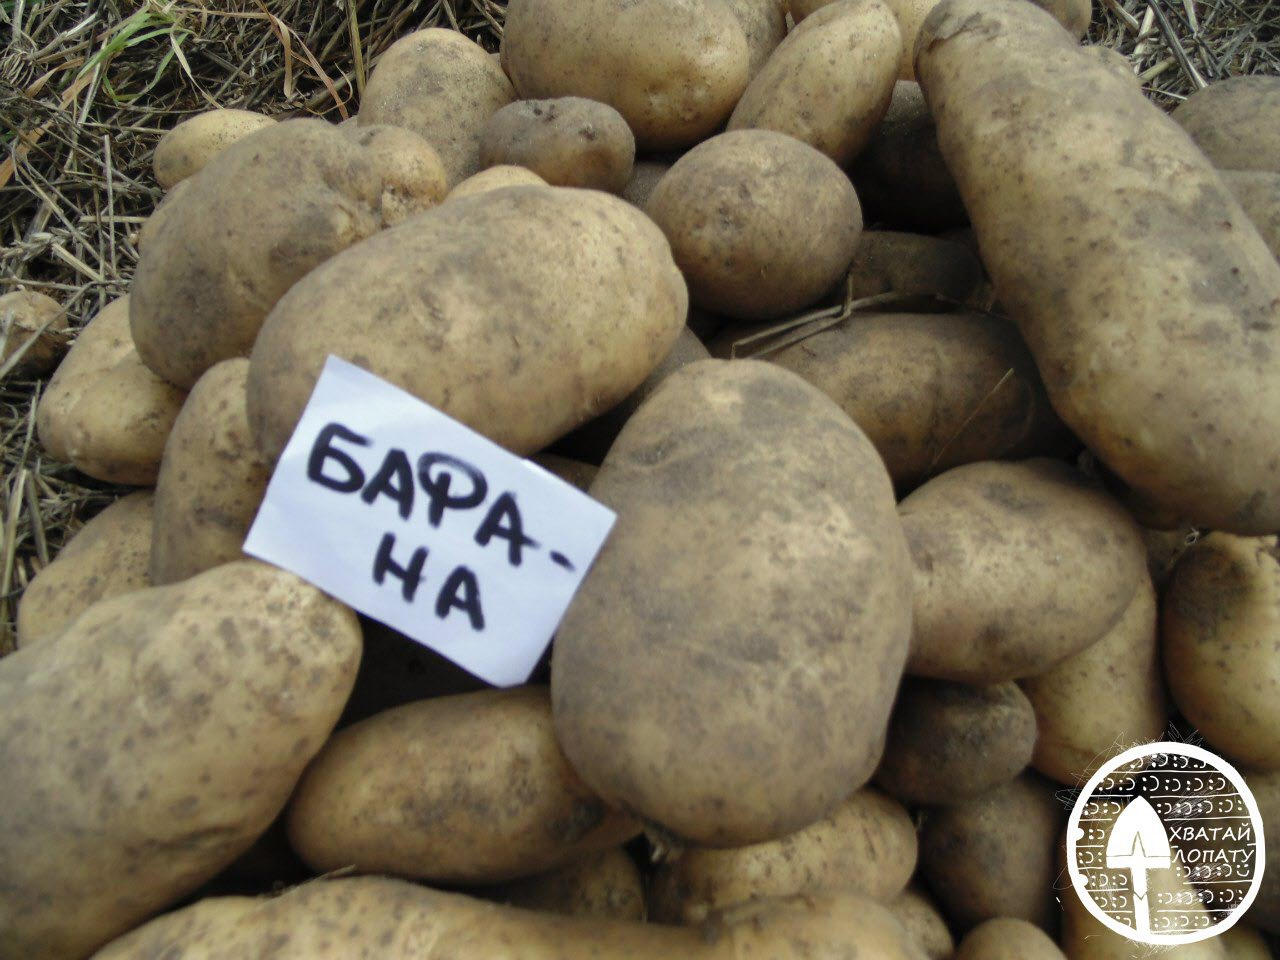 Сорта картофеля Бафана